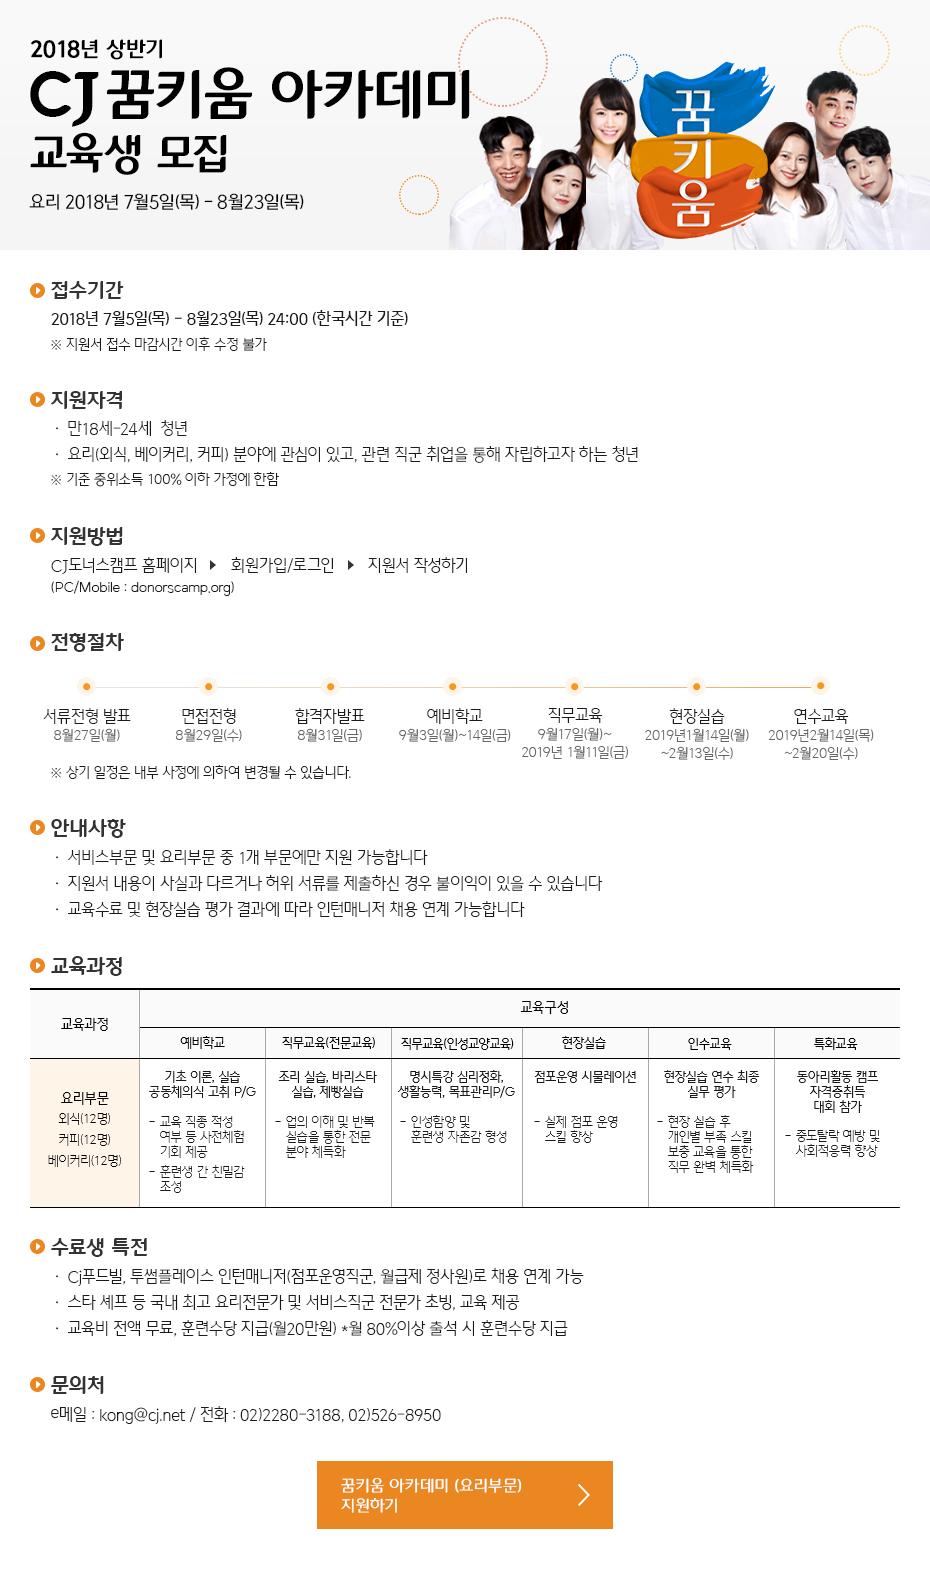 2018년 상반기 CJ 꿈키움 아카데미 교육생 모집 - 요리